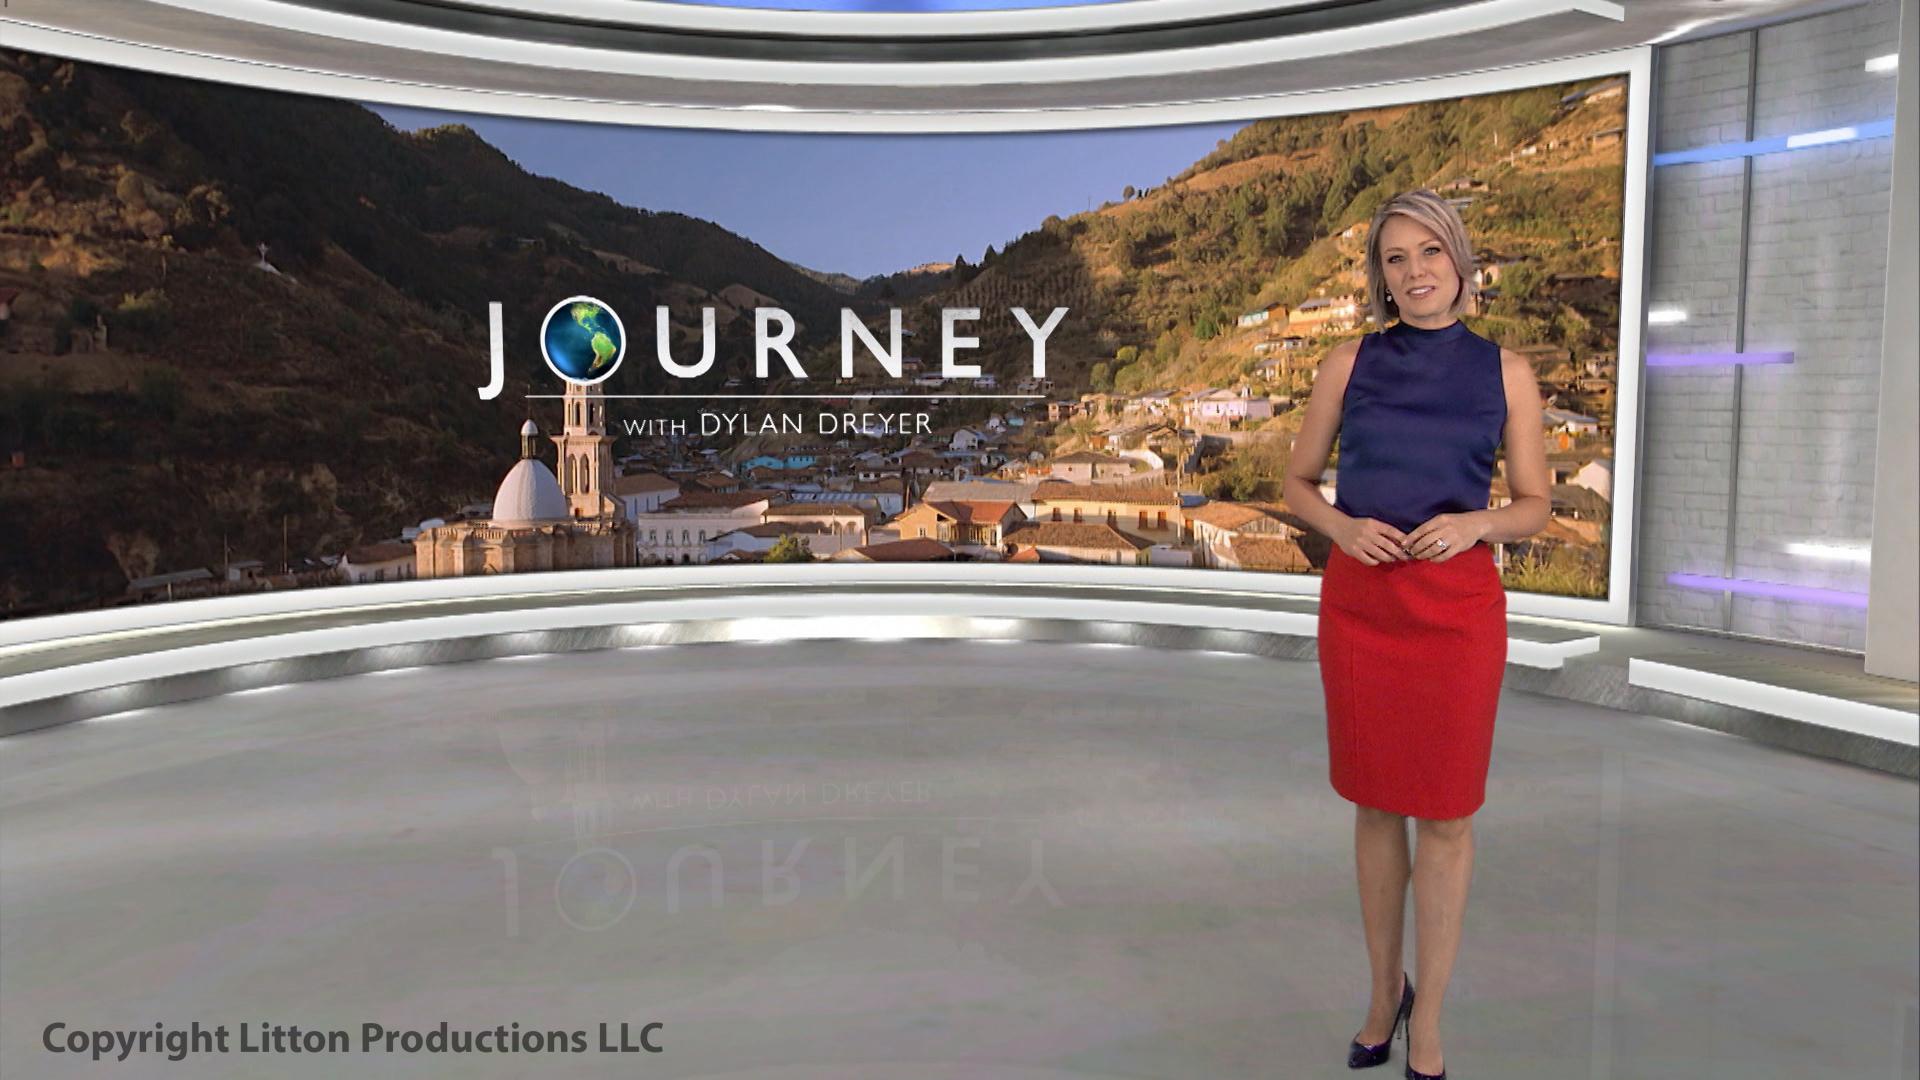 NCS_NBC-Journey_007